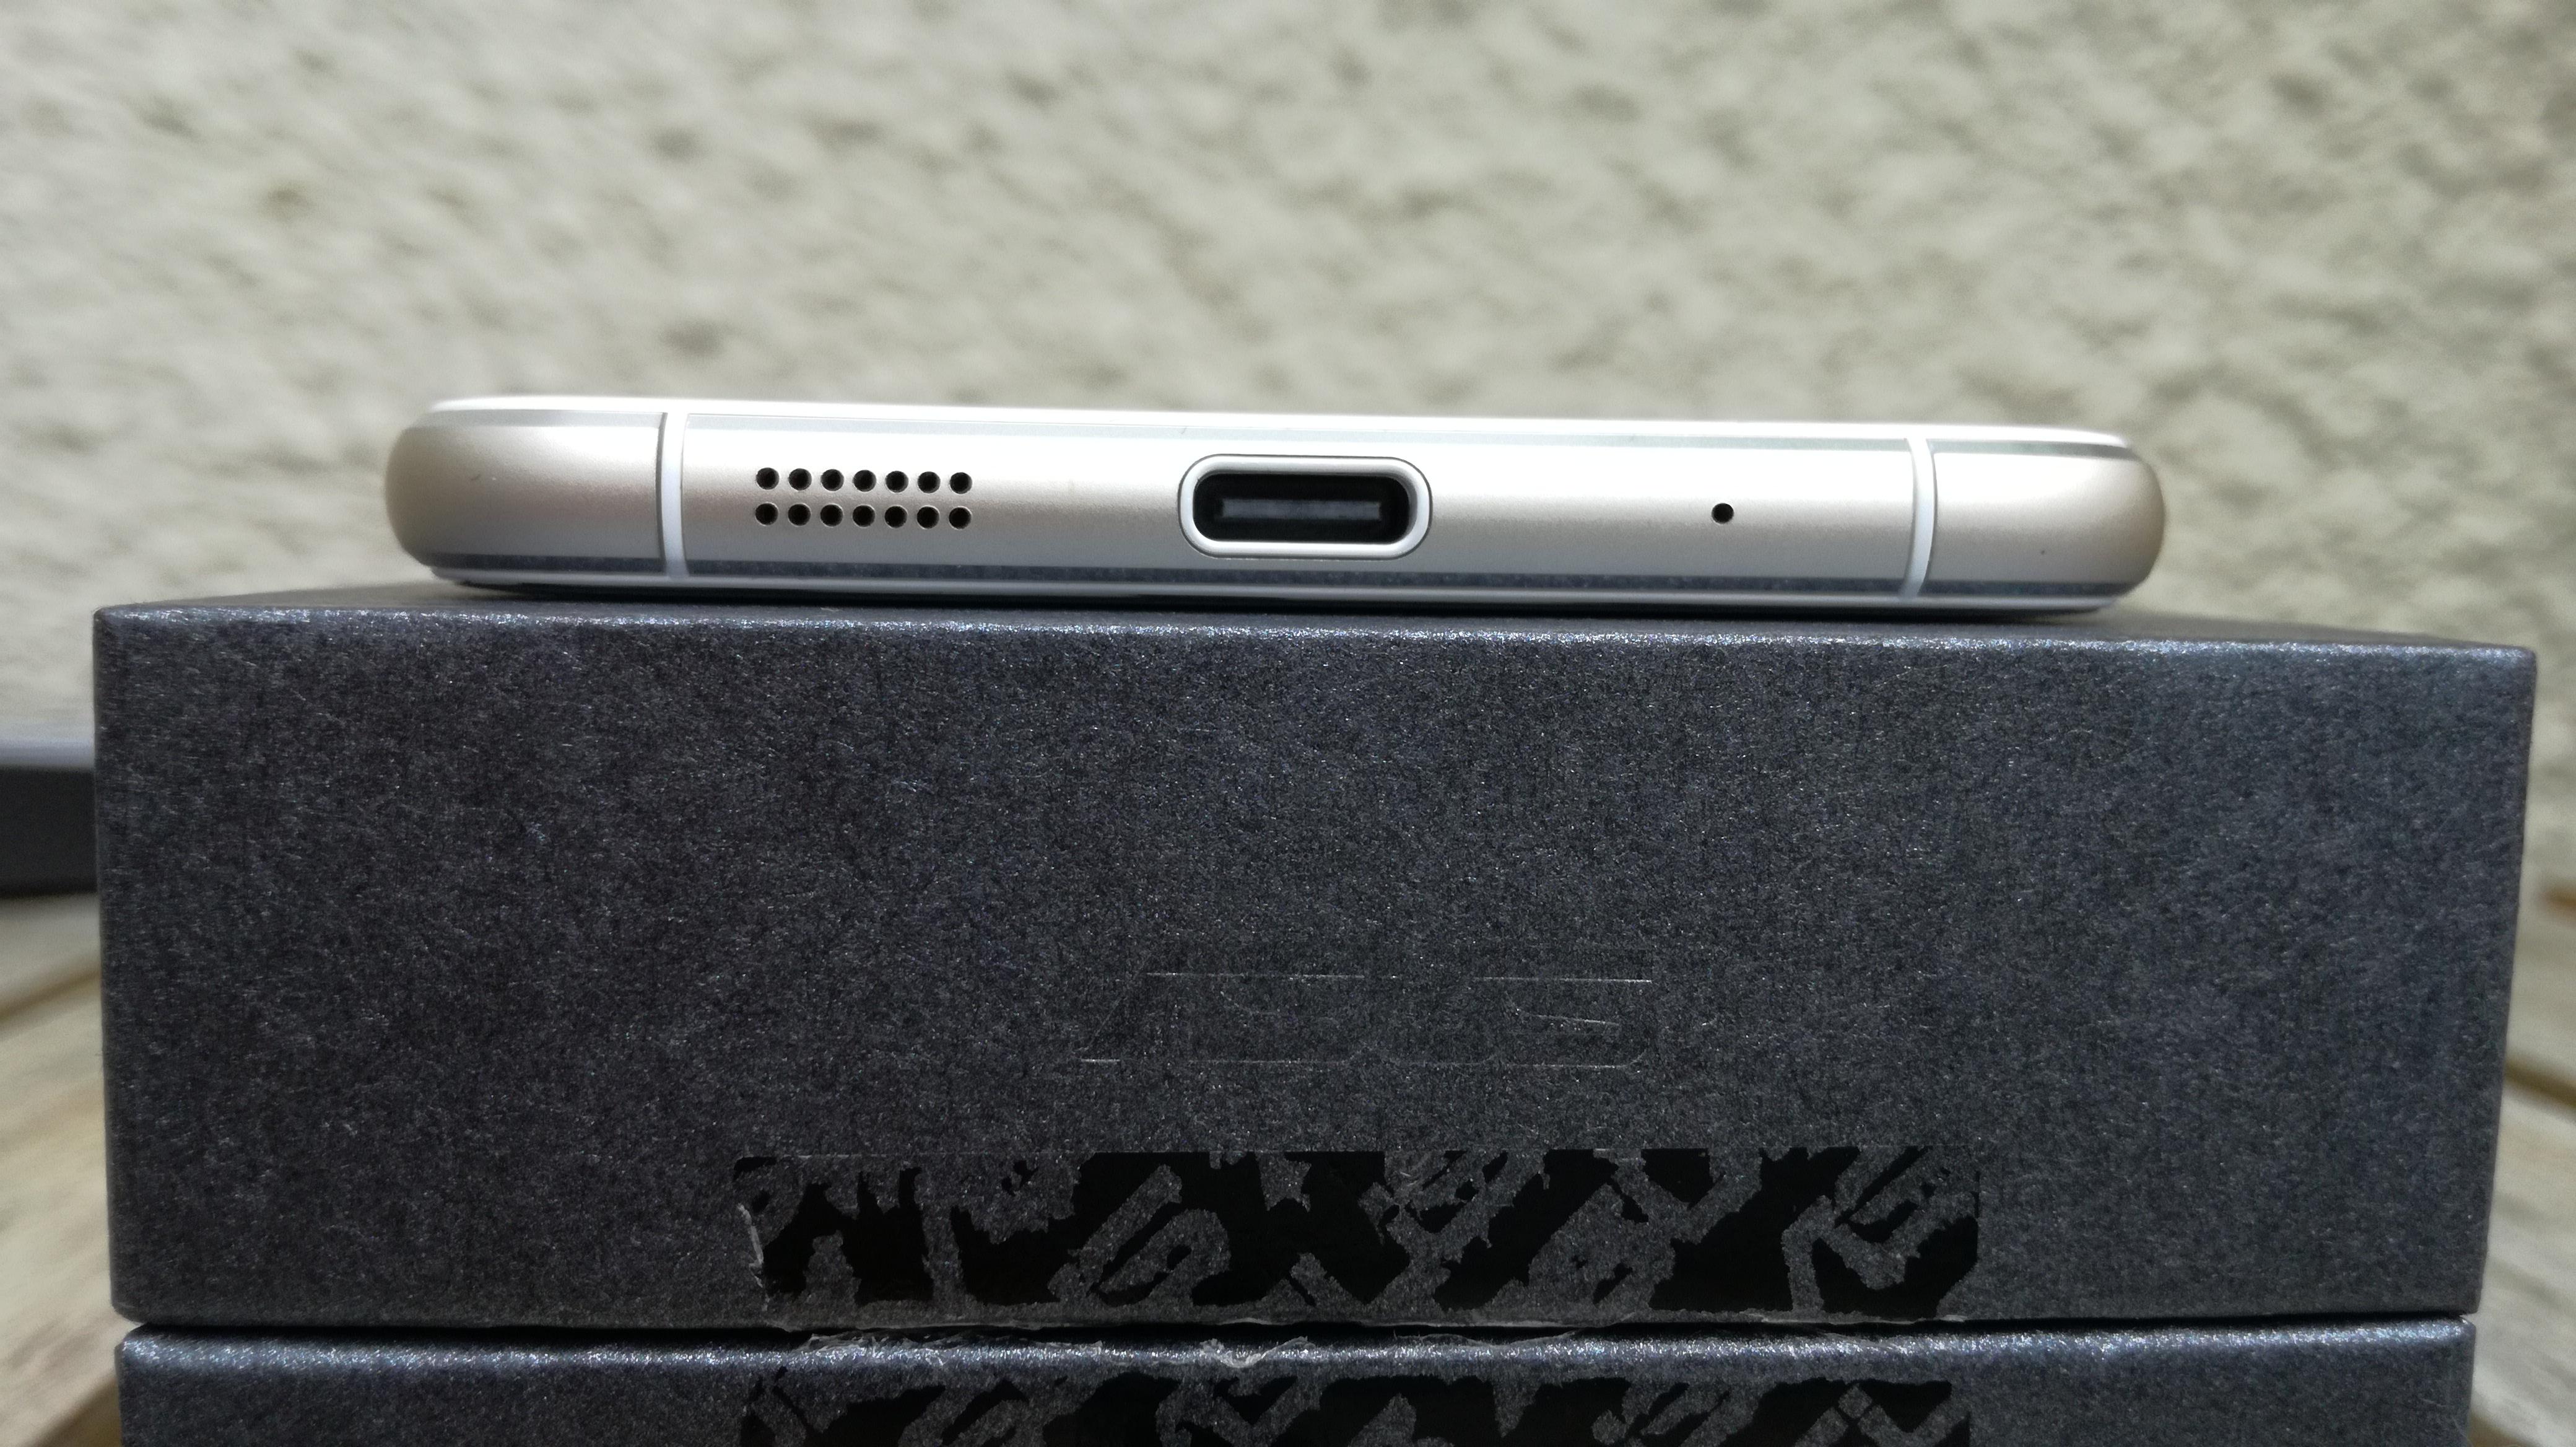 スピーカー、USB Type-Cポート、マイク